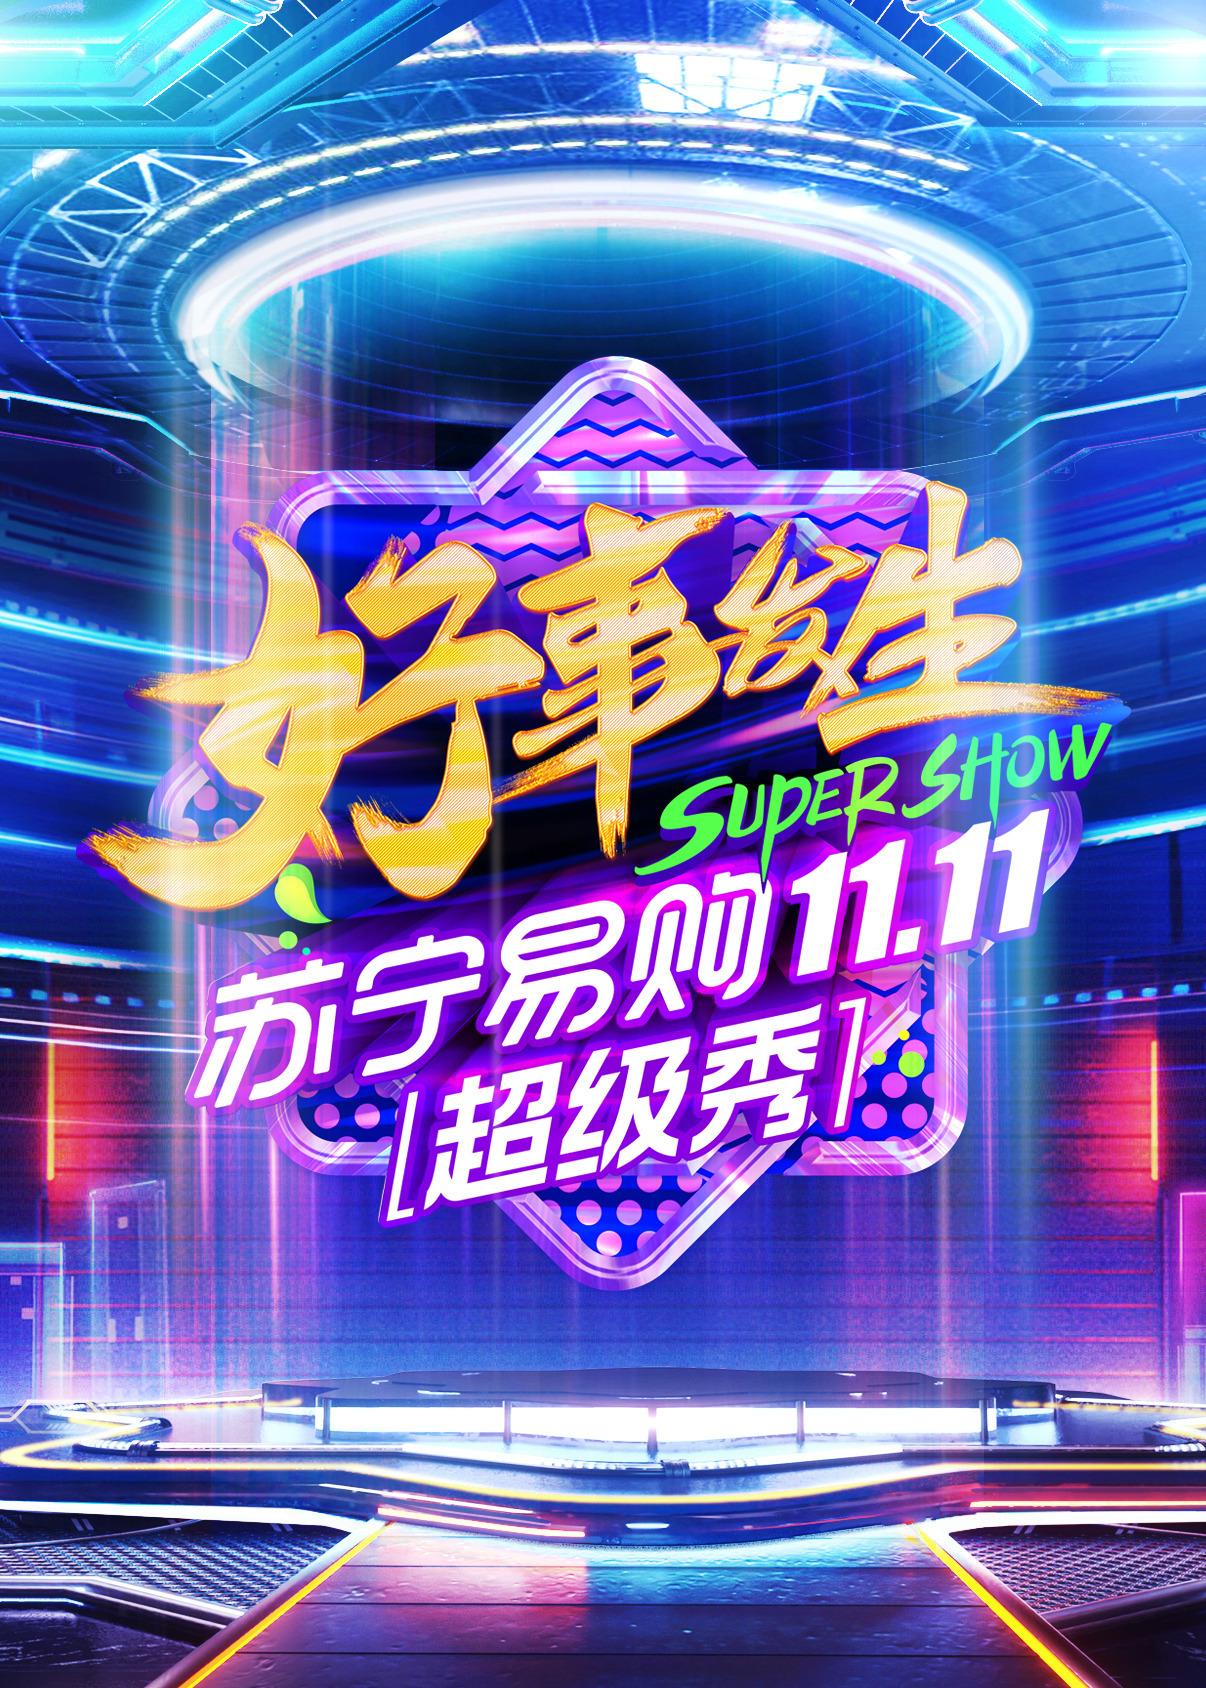 北京卫视1111超级秀